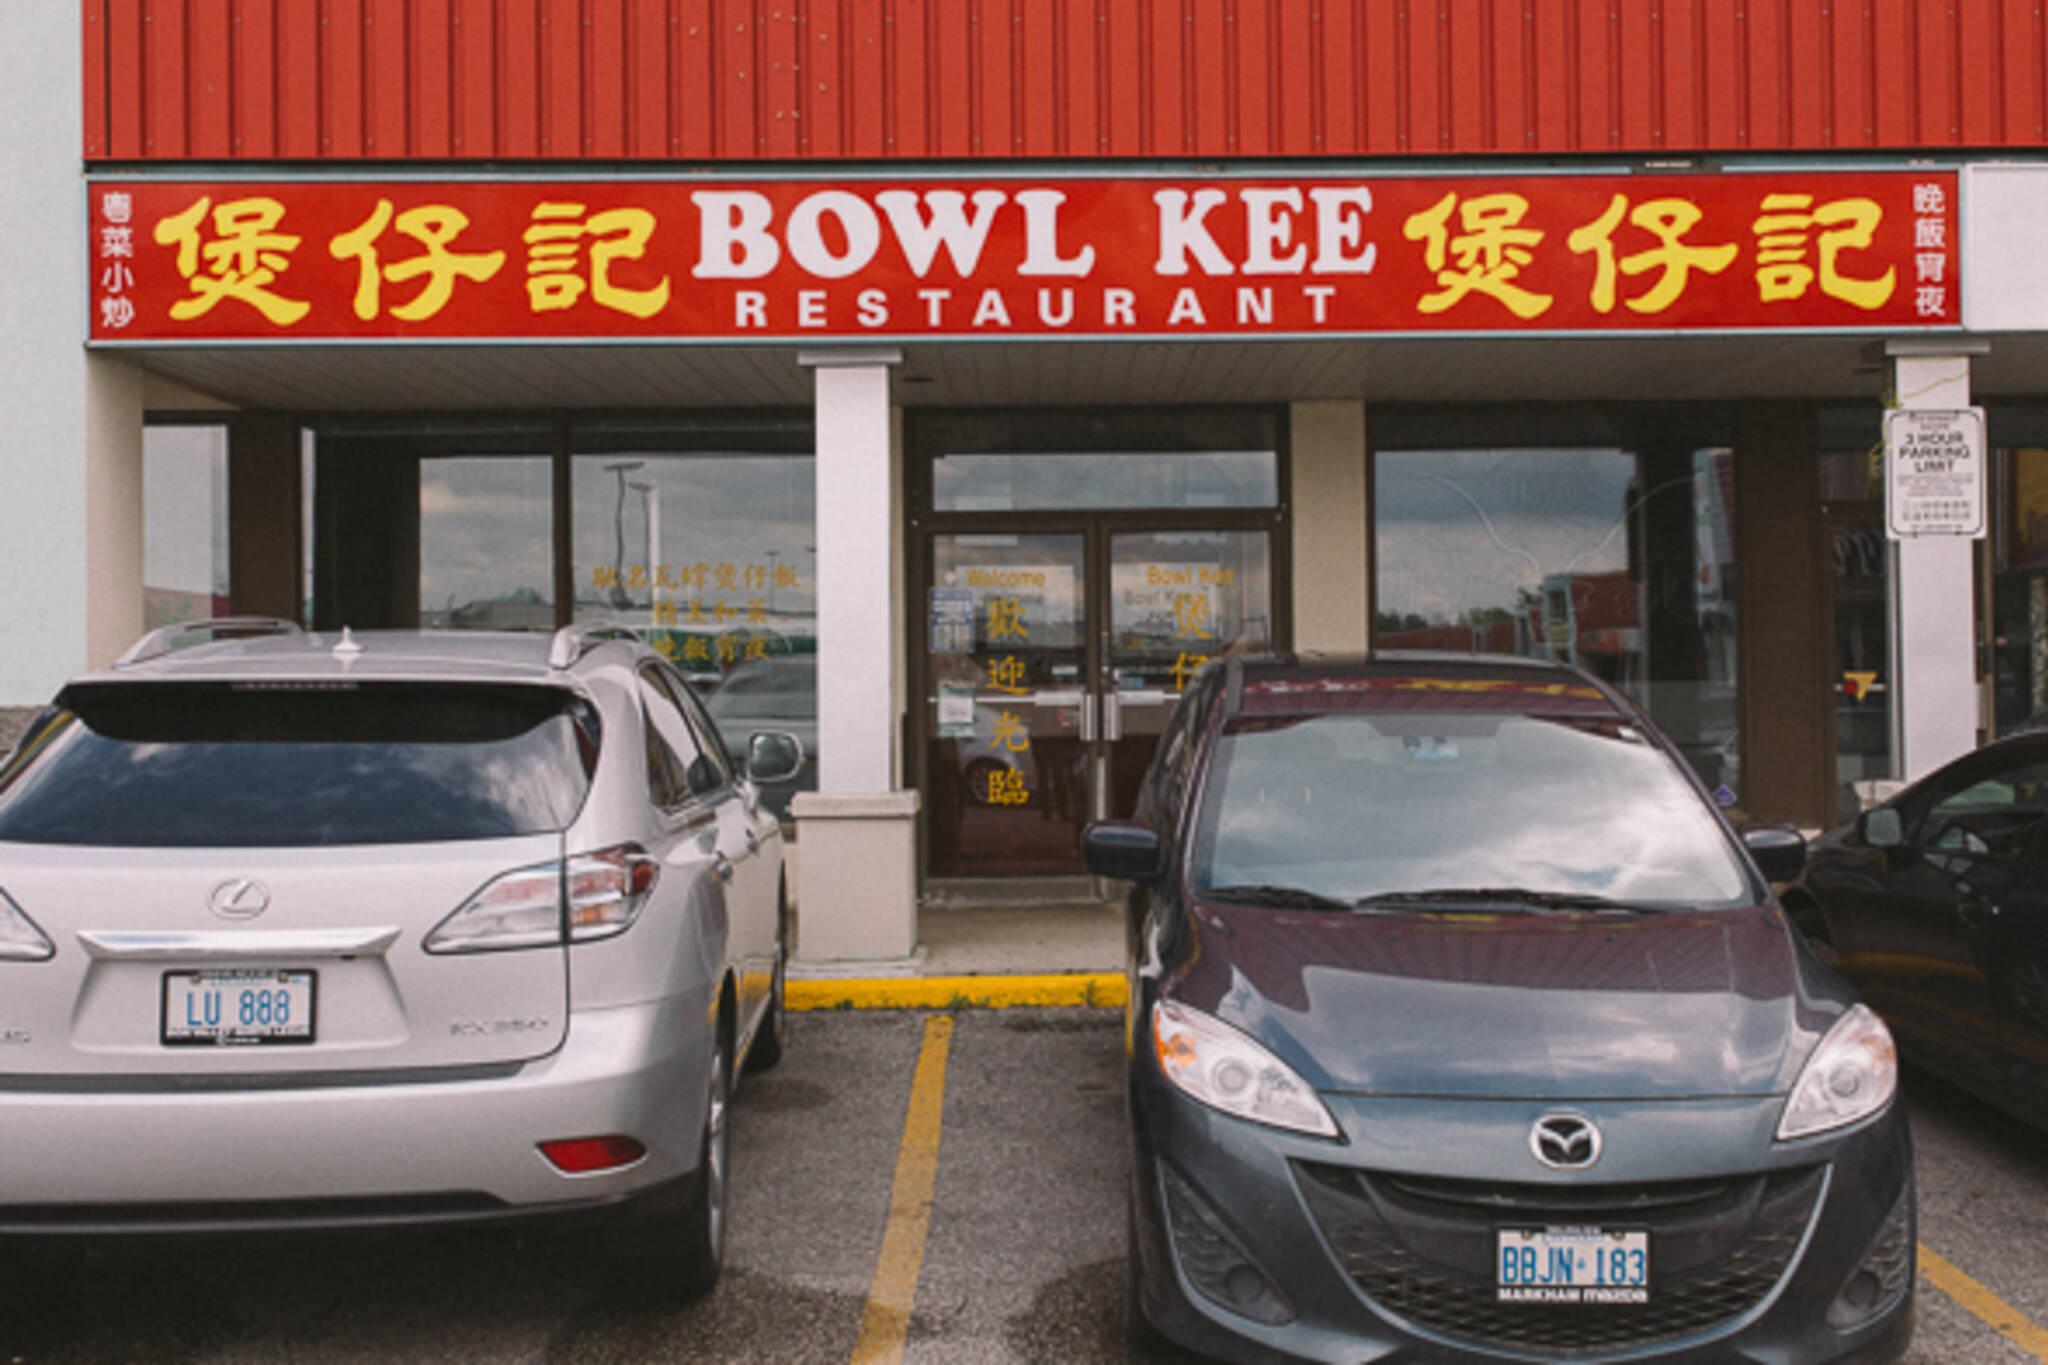 bowl kee